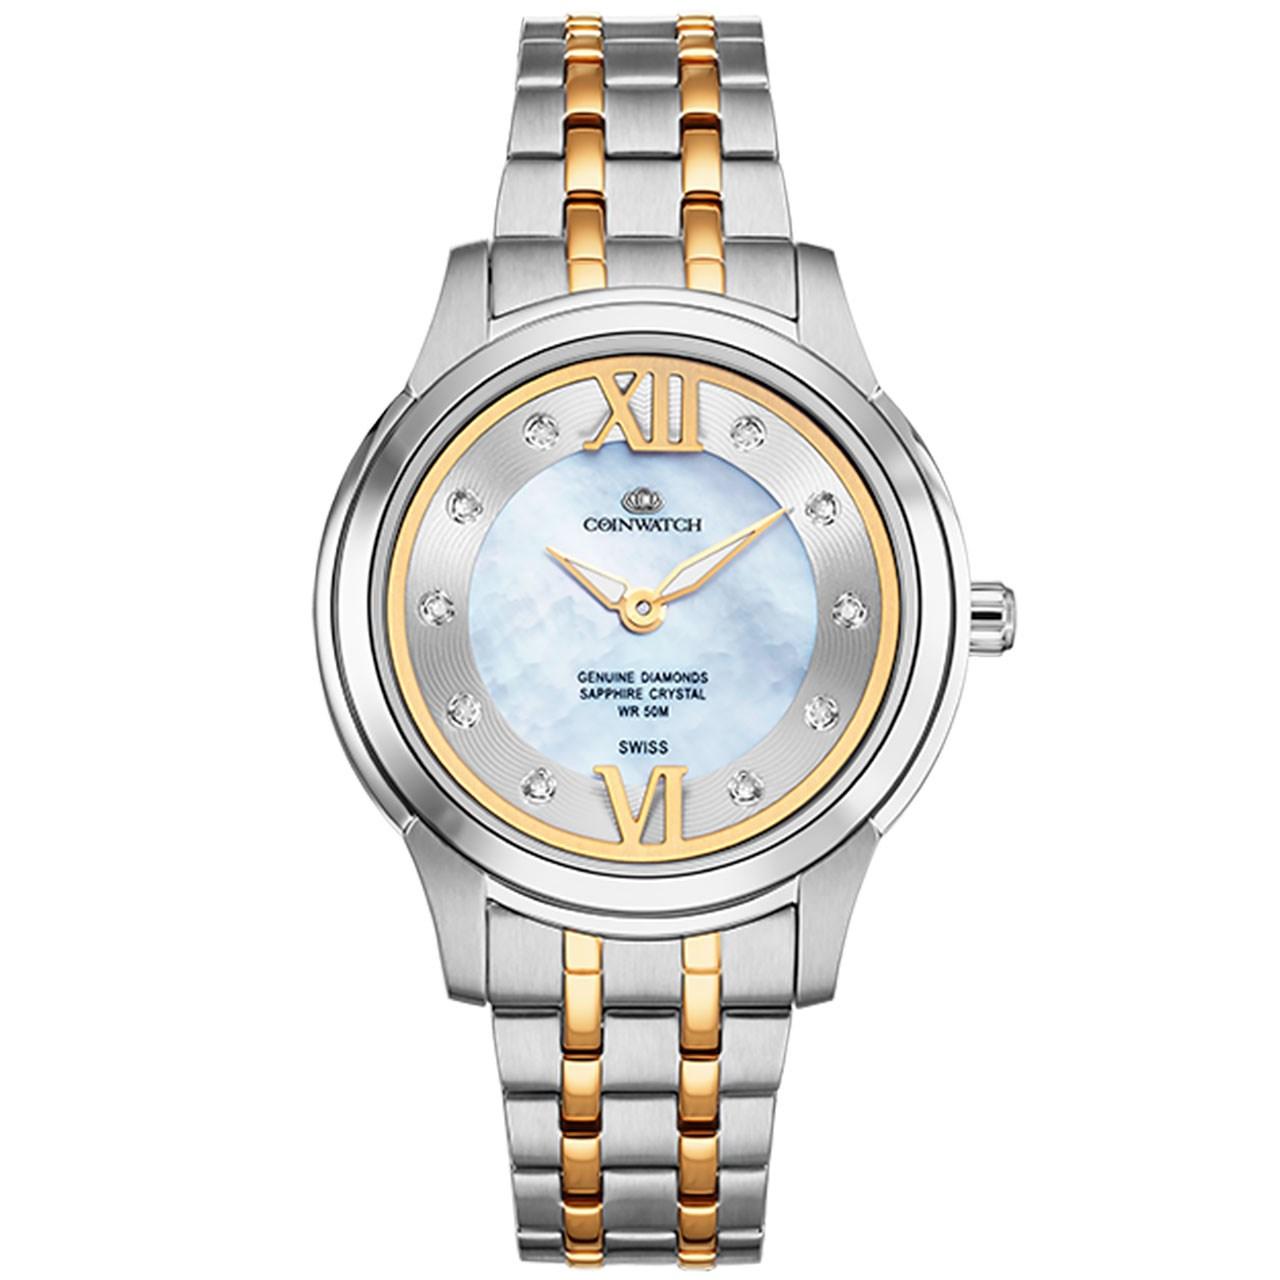 ساعت مچی عقربه ای زنانه کوین واچ مدل C141TWH 40